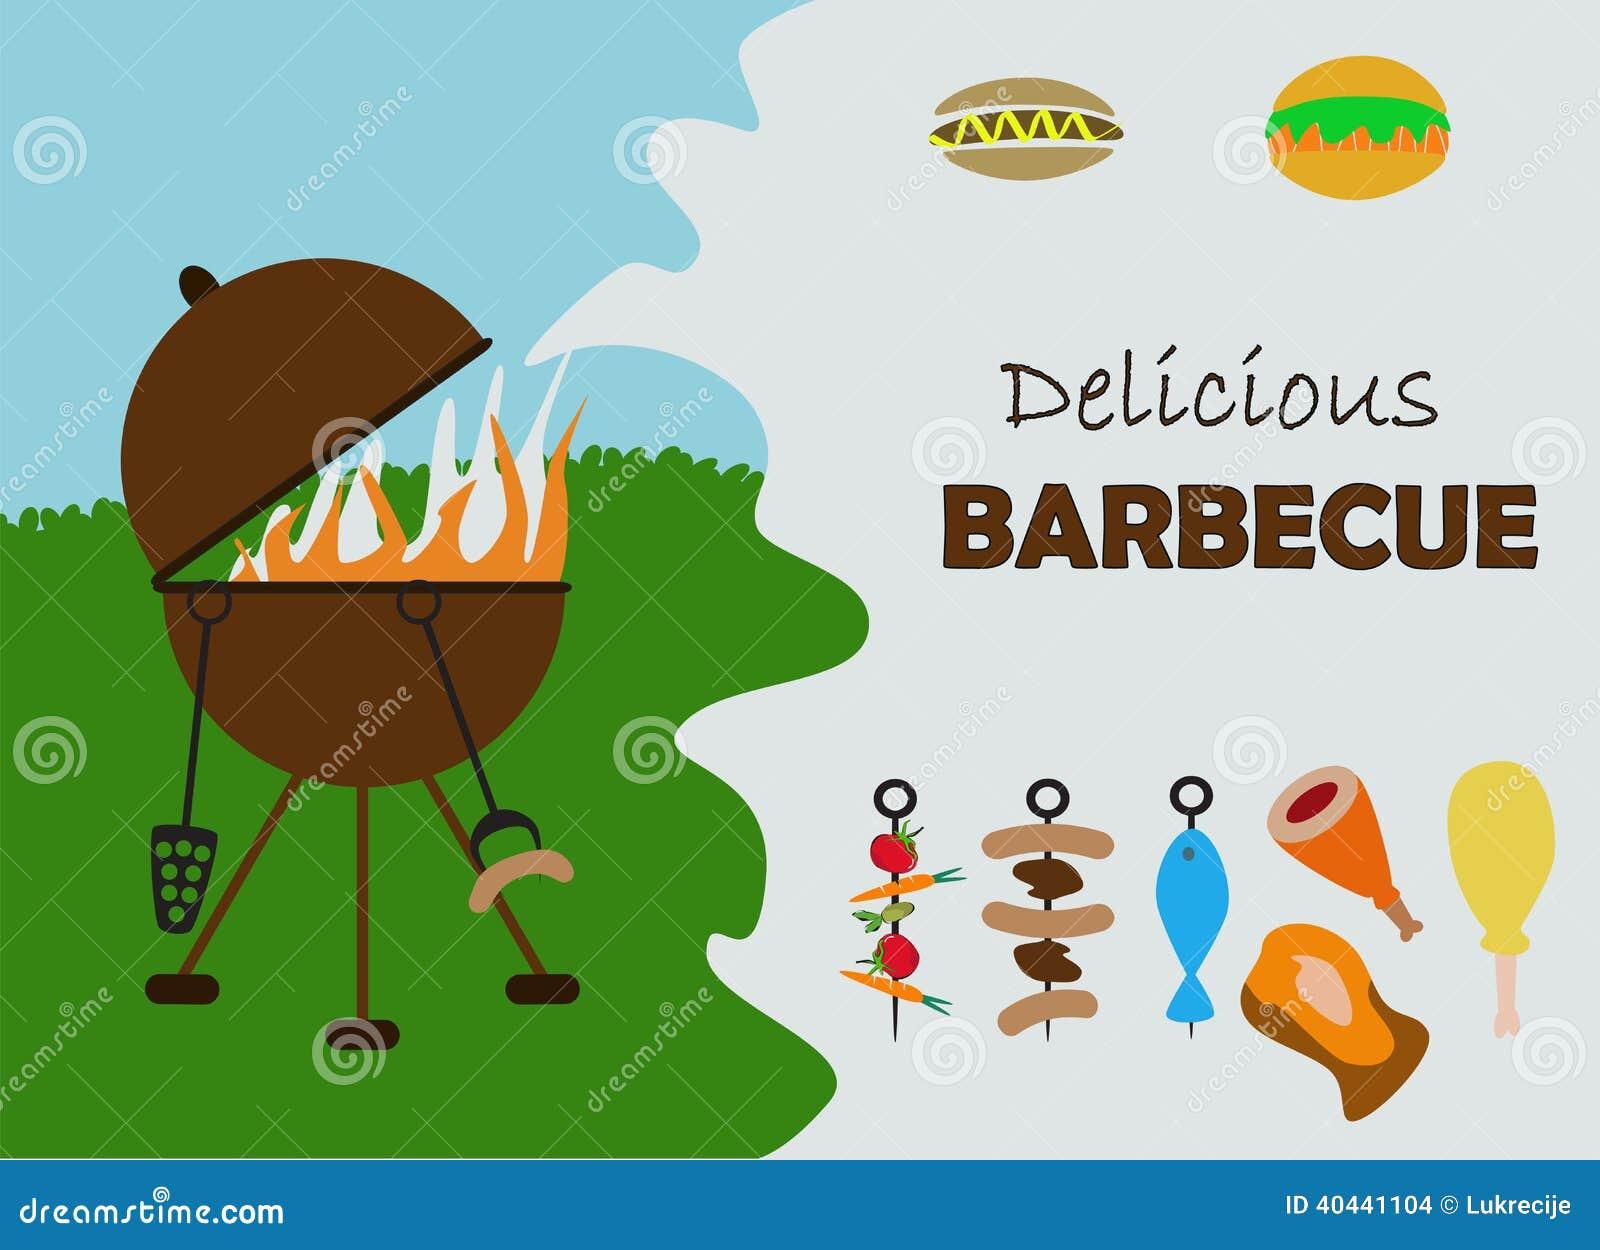 Barbecue Invitation Card Stock Illustration - Image: 40441104